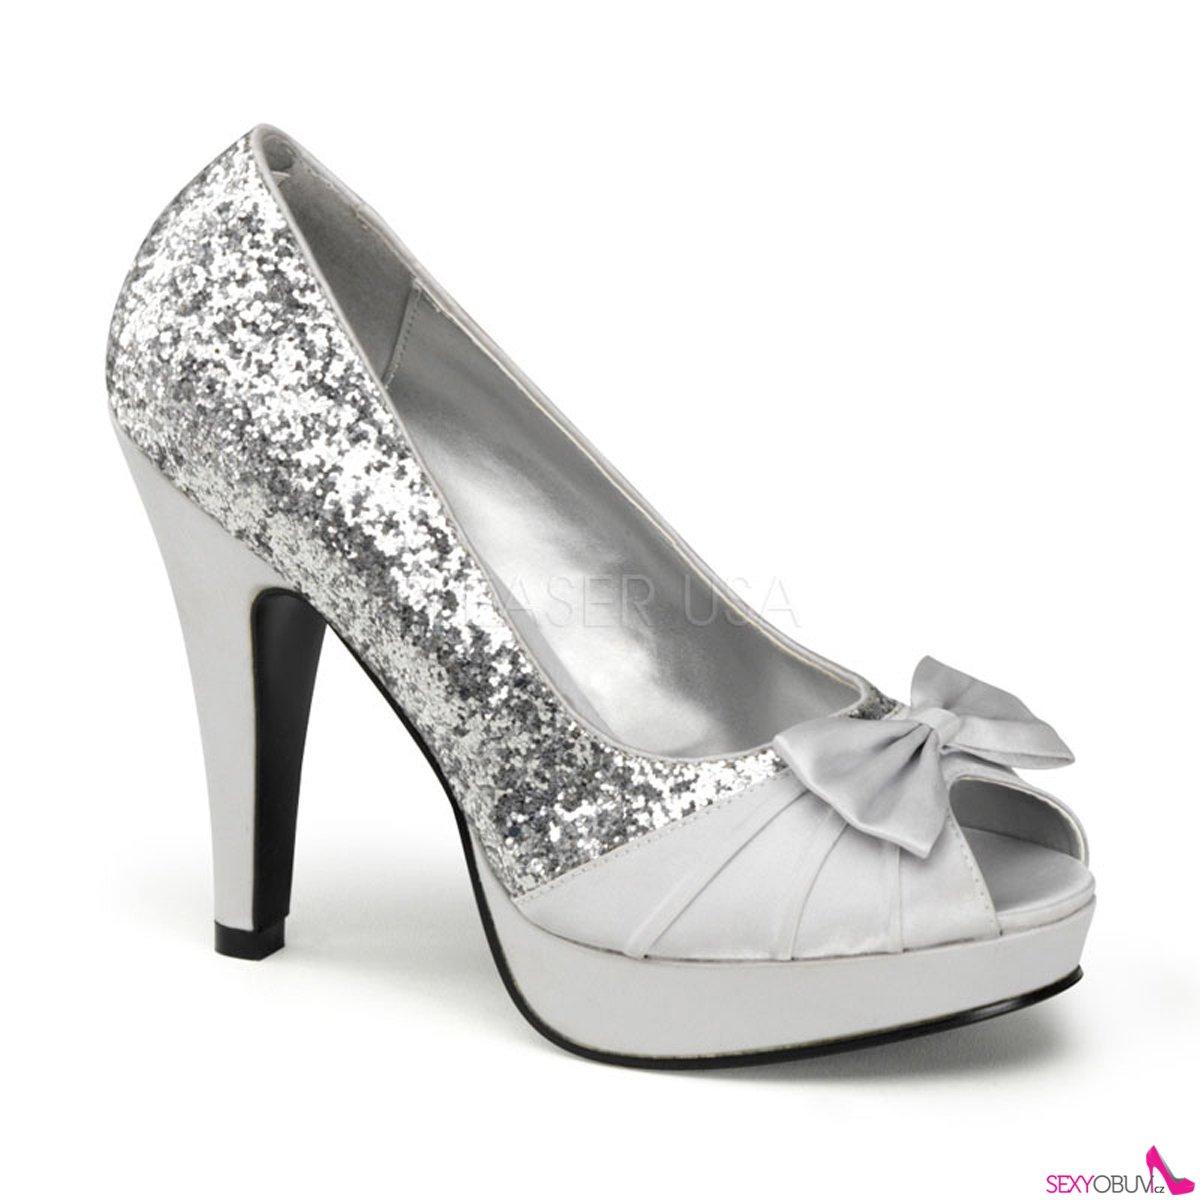 e0b905d04e BETTIE-10 Stříbrné společenské boty na podpatku